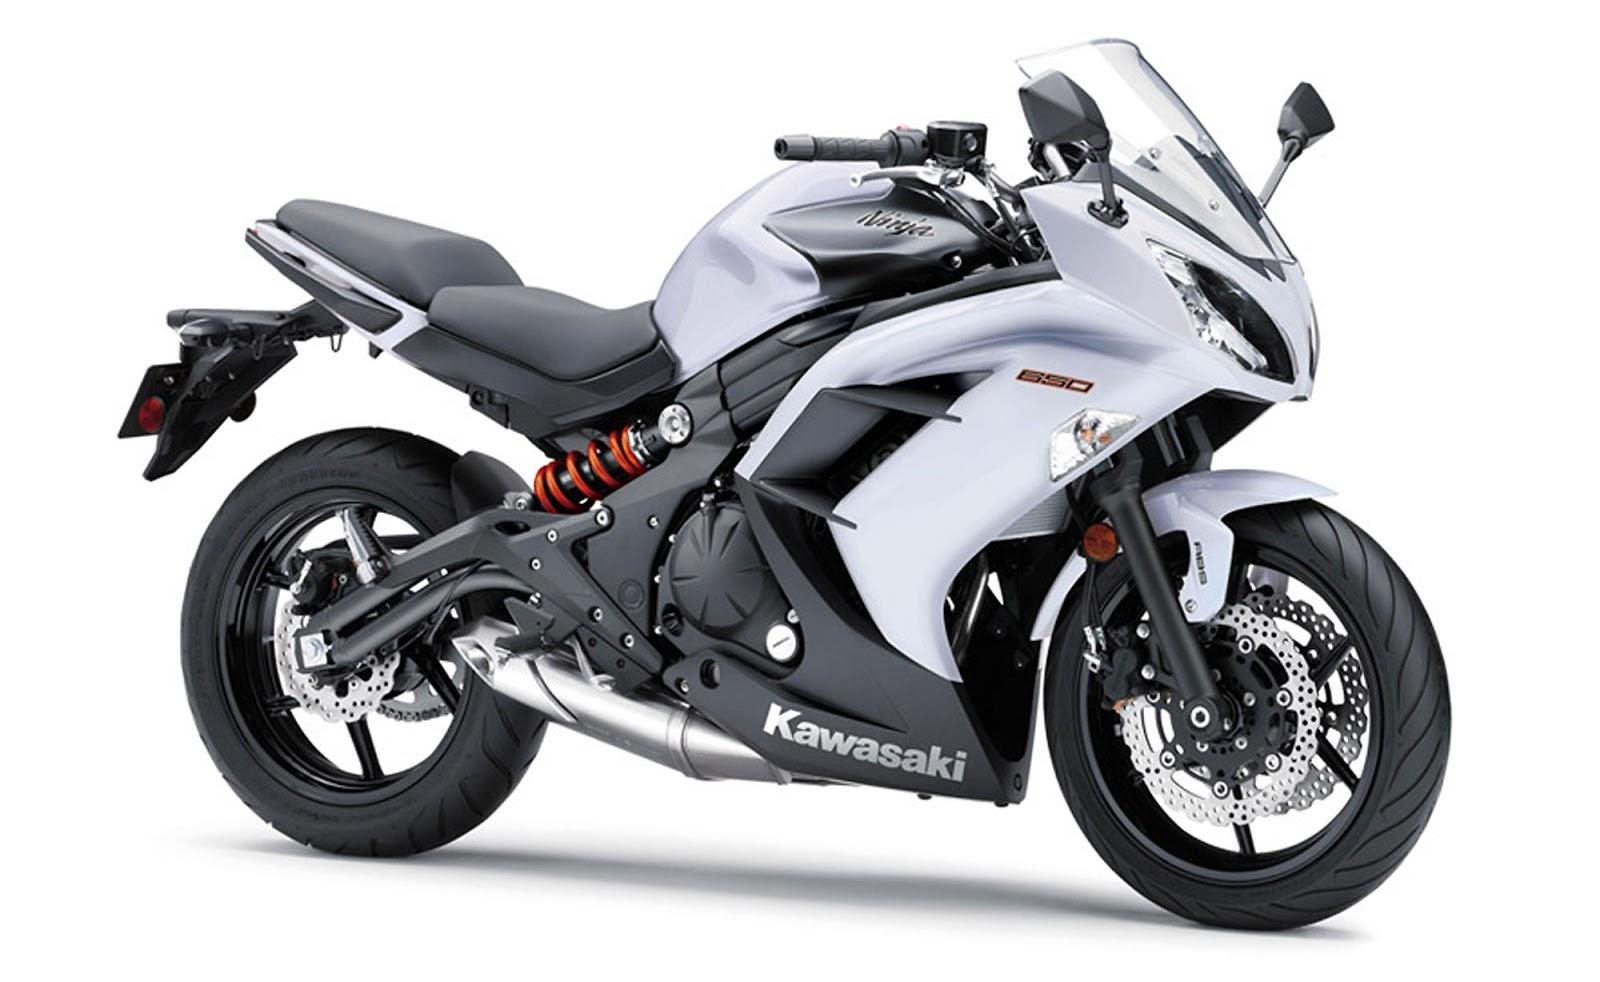 Kawasaki Motor Bikes: 2013 Kawasaki Ninja 650 ABS